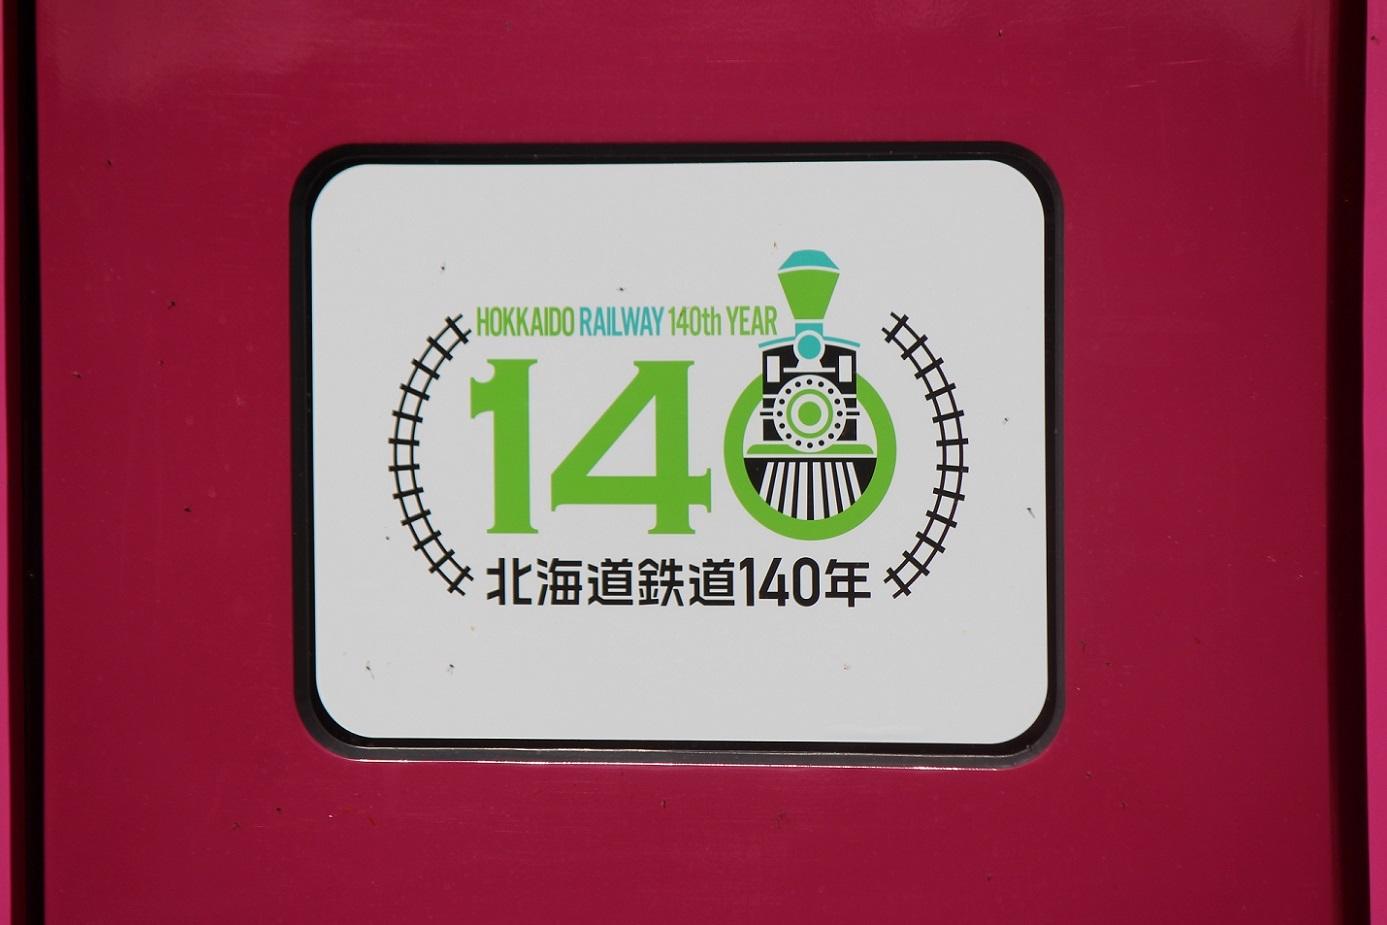 はまなす北海道鉄道140周年記念号a105